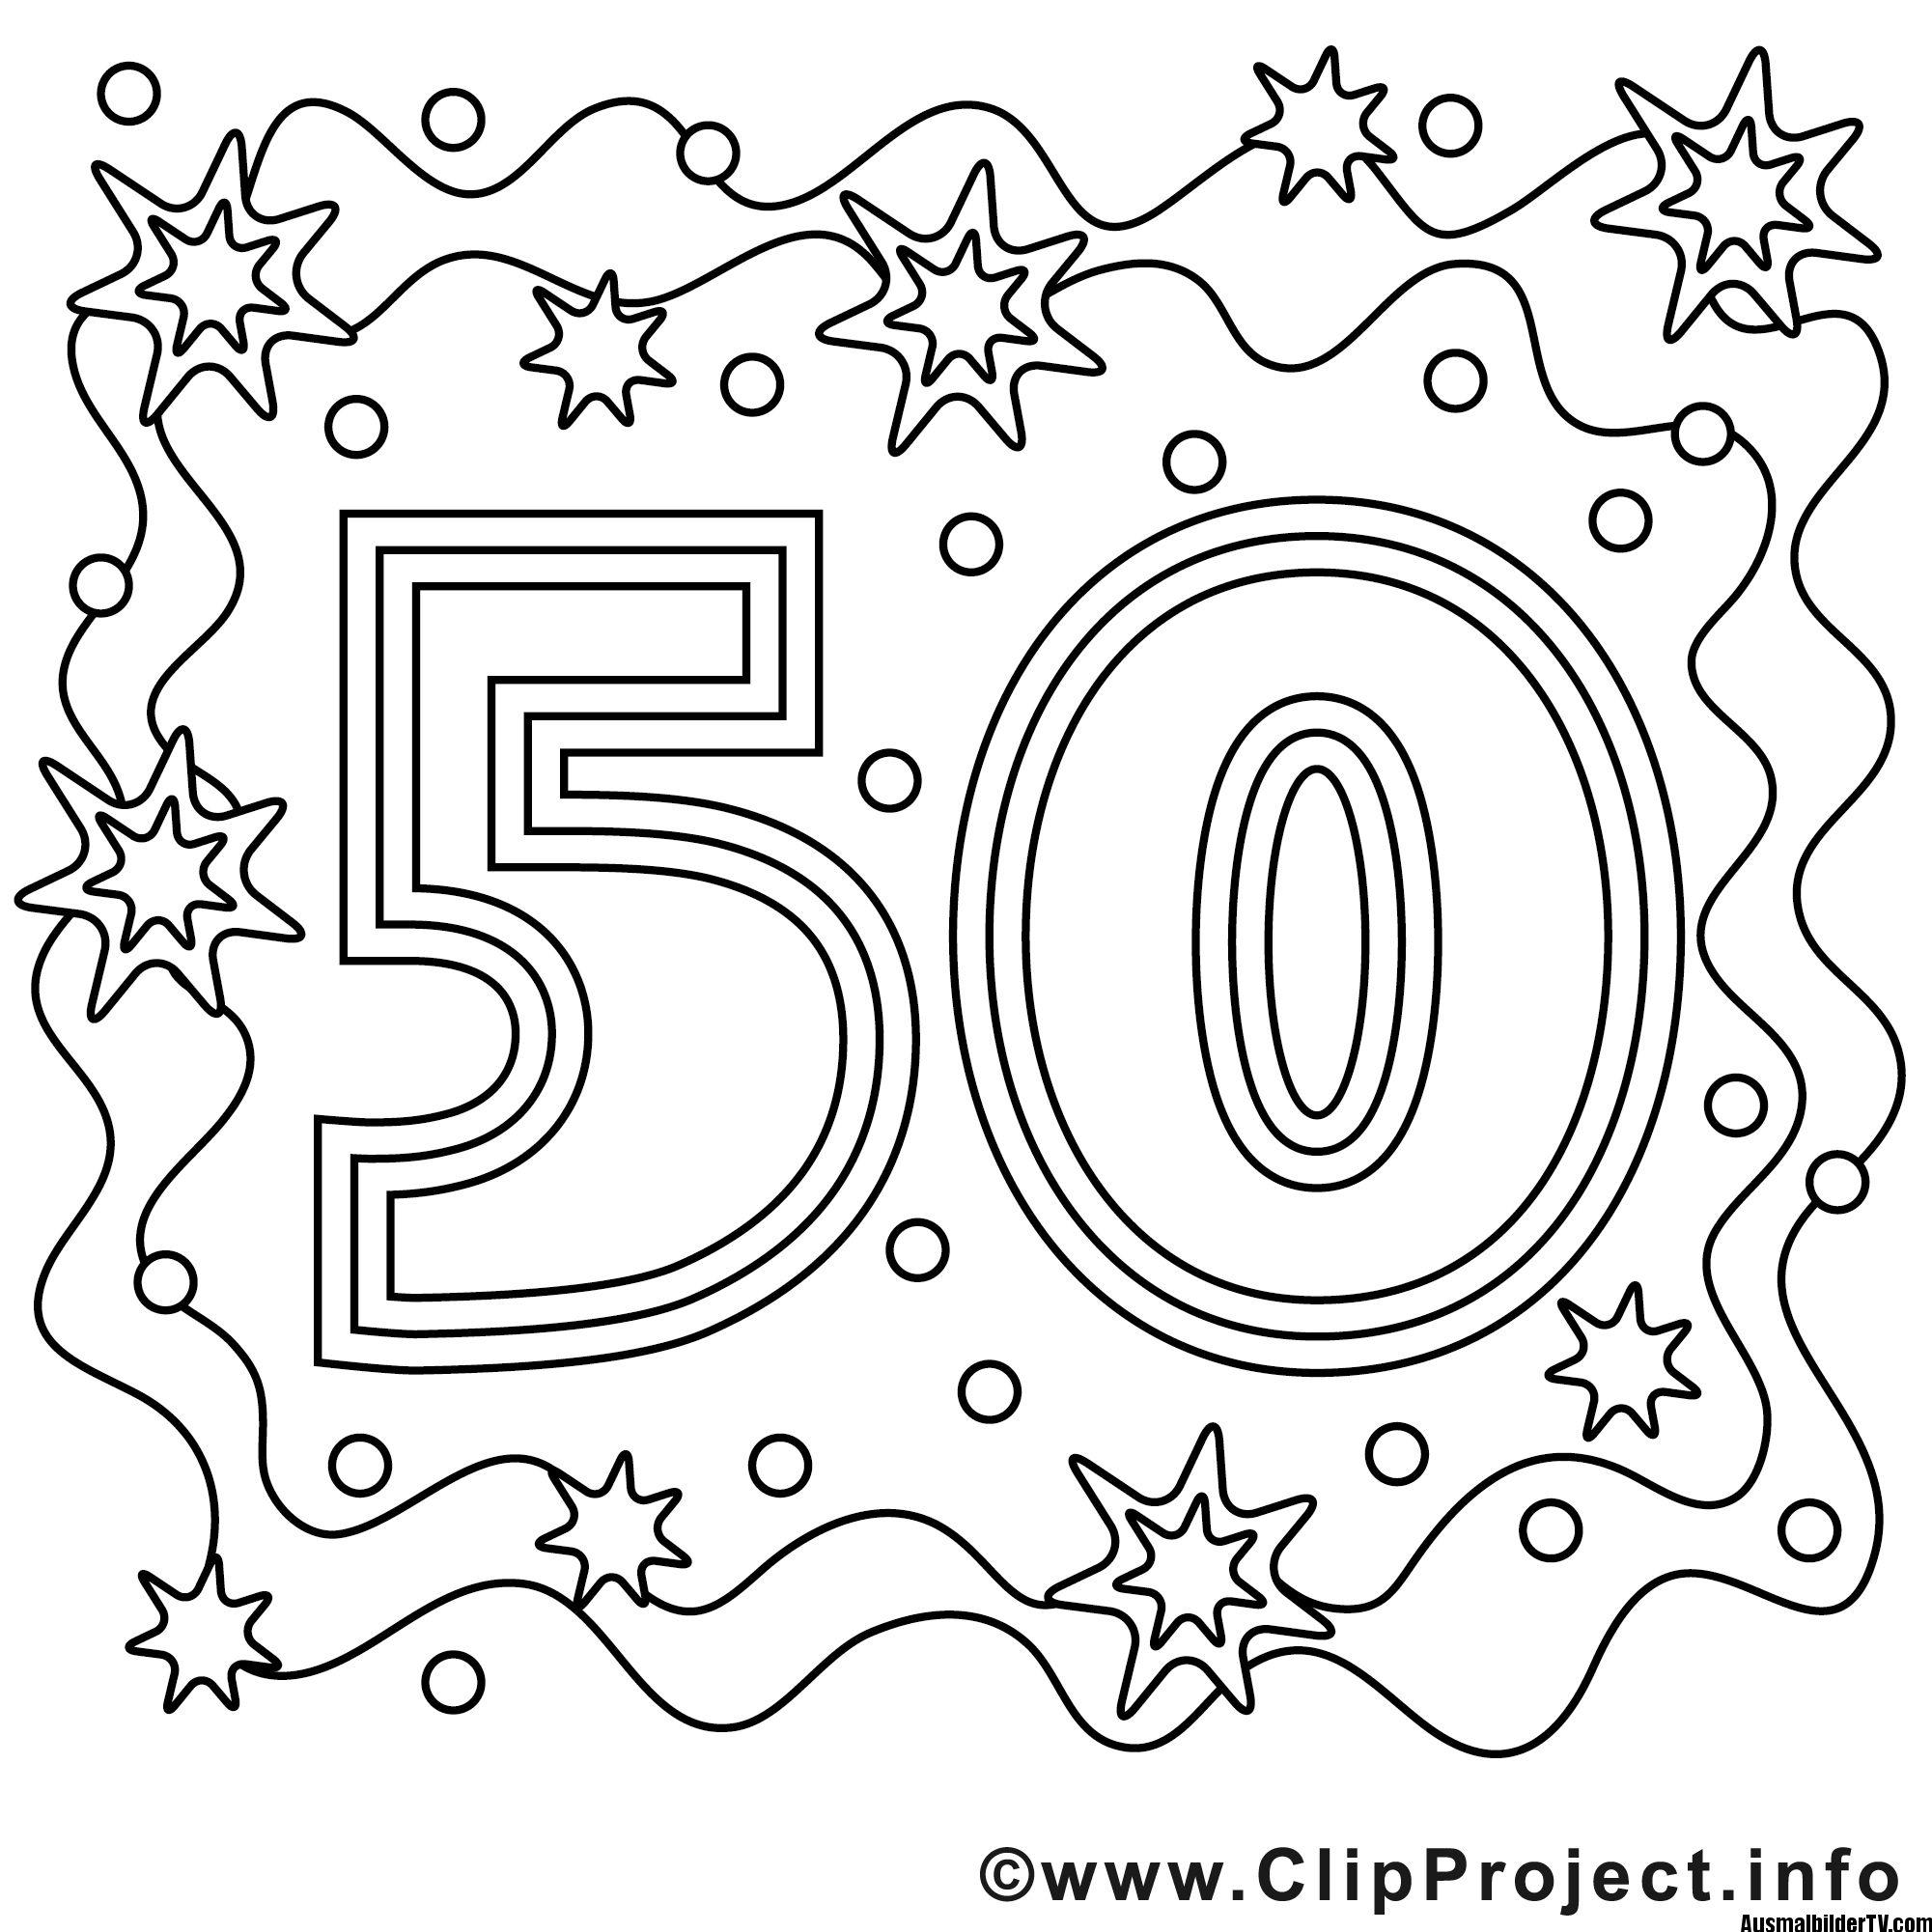 Ausmalbilder Geburtstag 60 : Ausmalbild Zum 50 Geburtstag Ausmalbilder Pinterest Zum 50